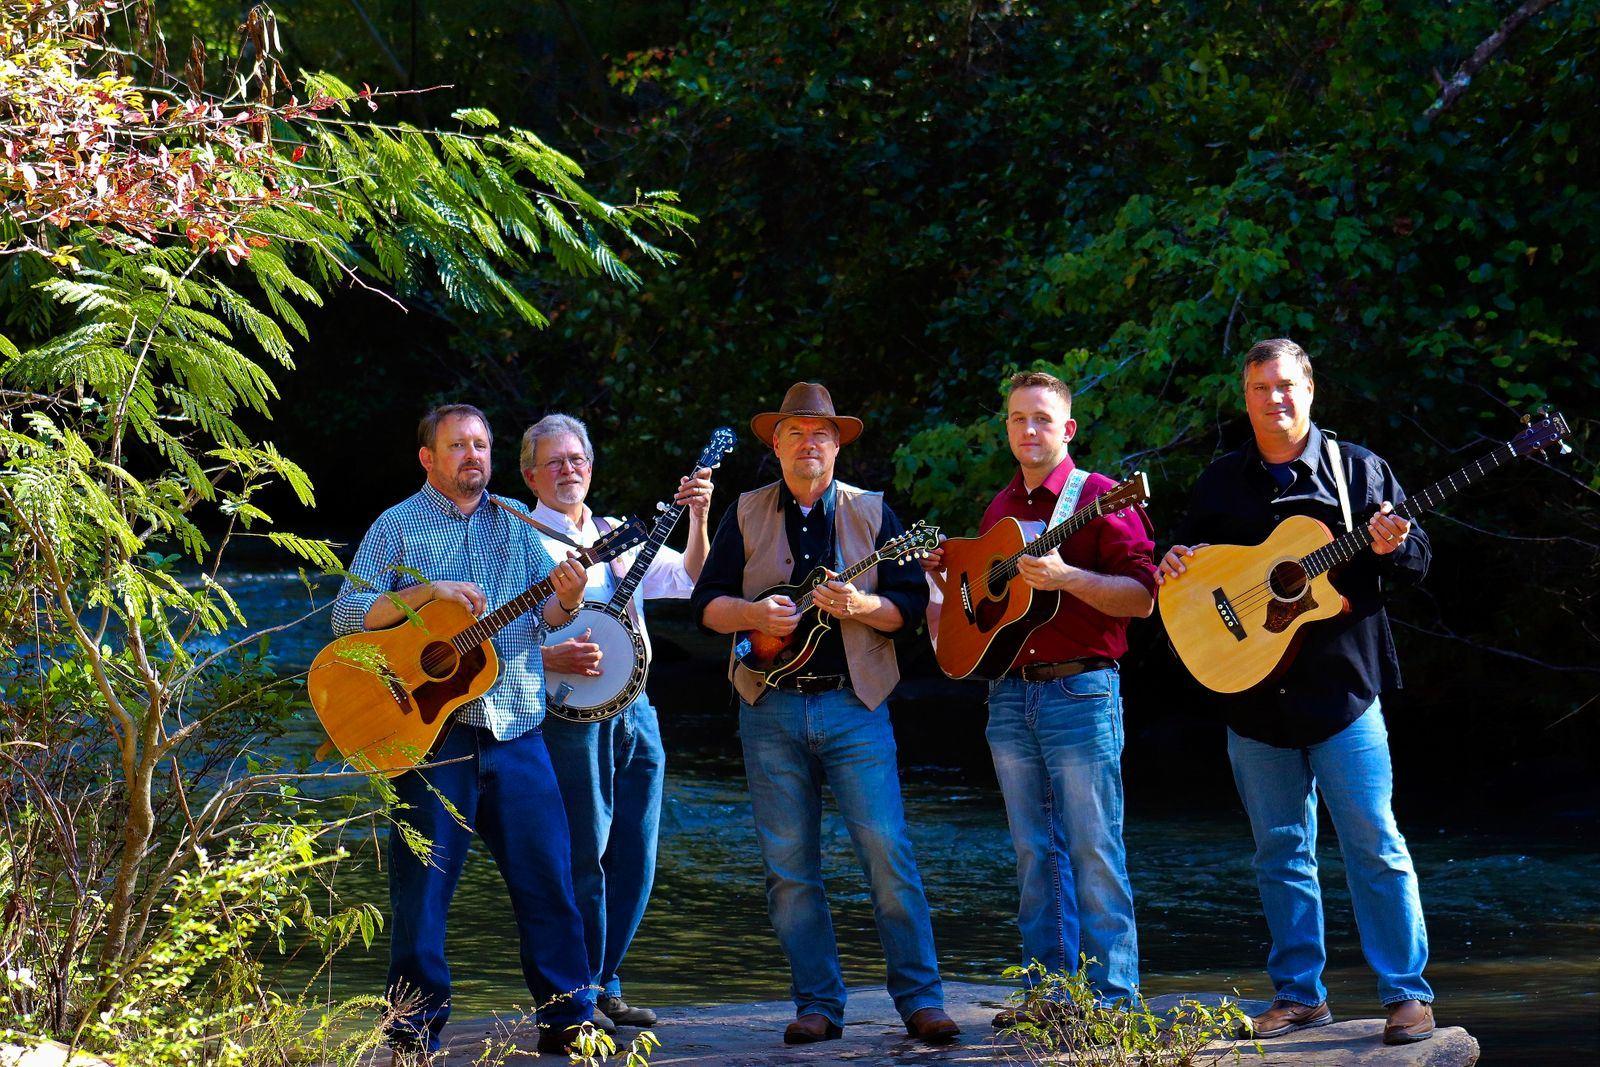 Line Creek Bluegrass